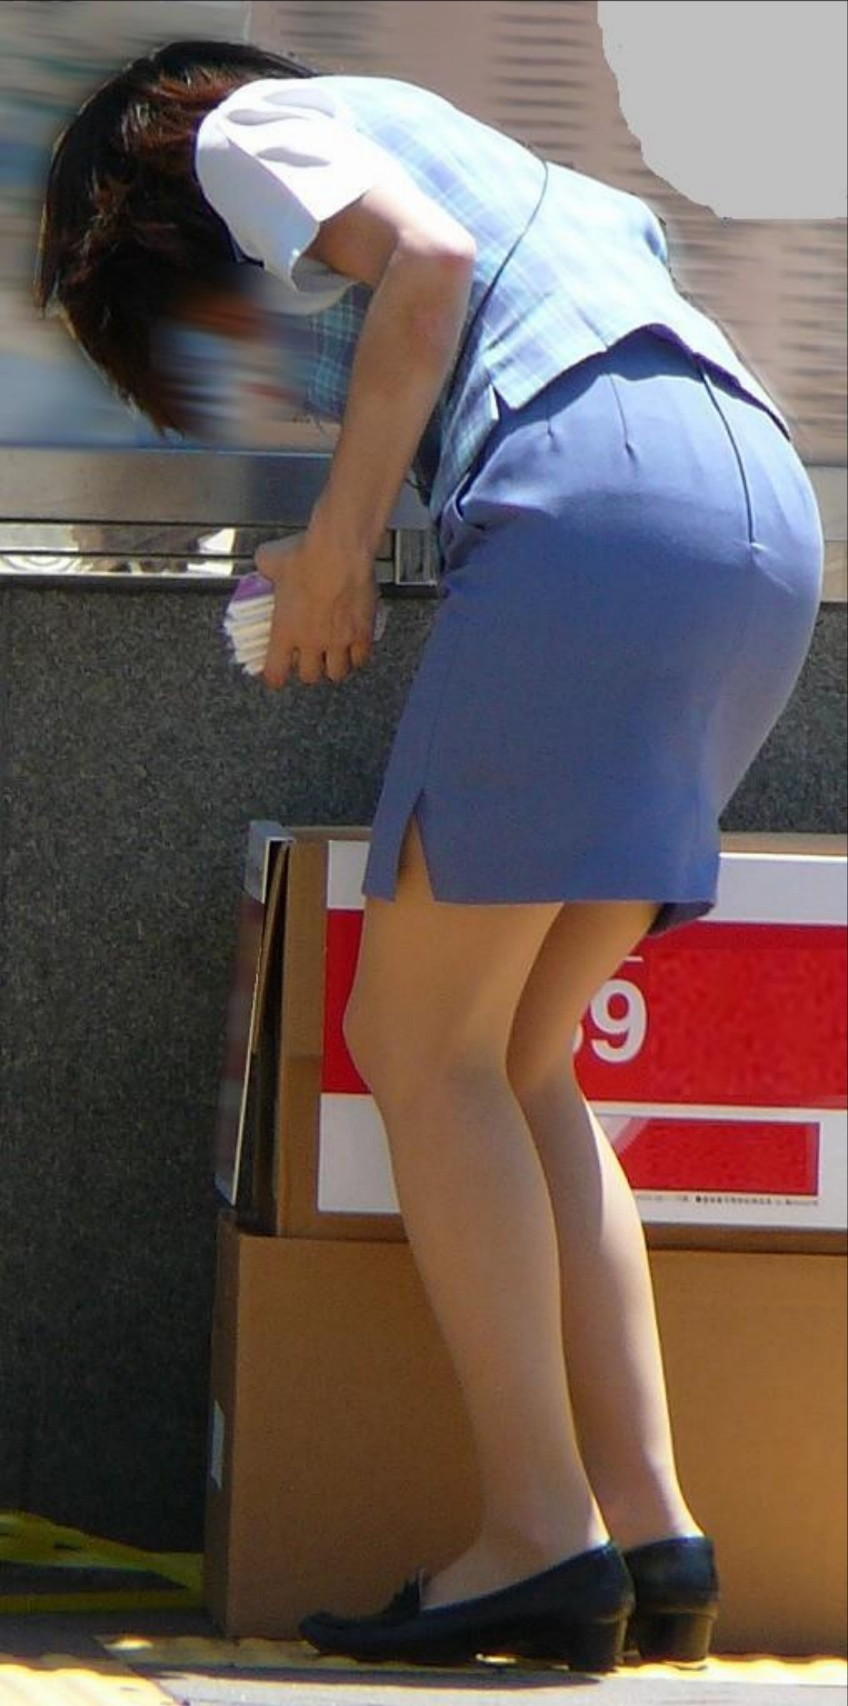 【働く女性エロ画像】ヒップラインが引き立つ瞬間!タイト女性の前屈み美尻www 04